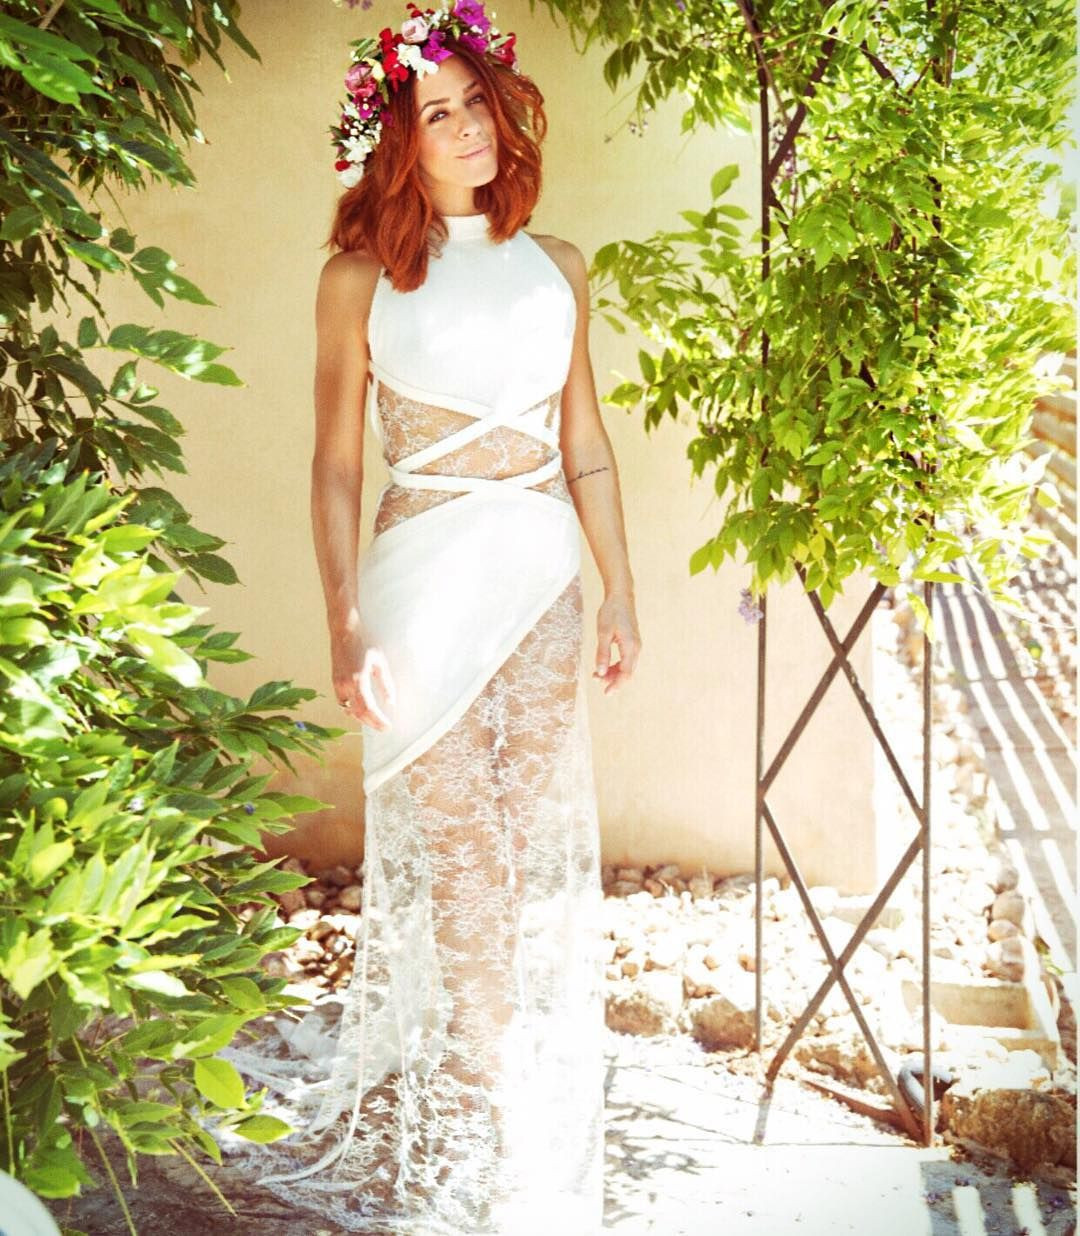 Hochzeit Vanessa Mai  Vanessa Mai in ihrem Brautkleid mit viel Spitze und